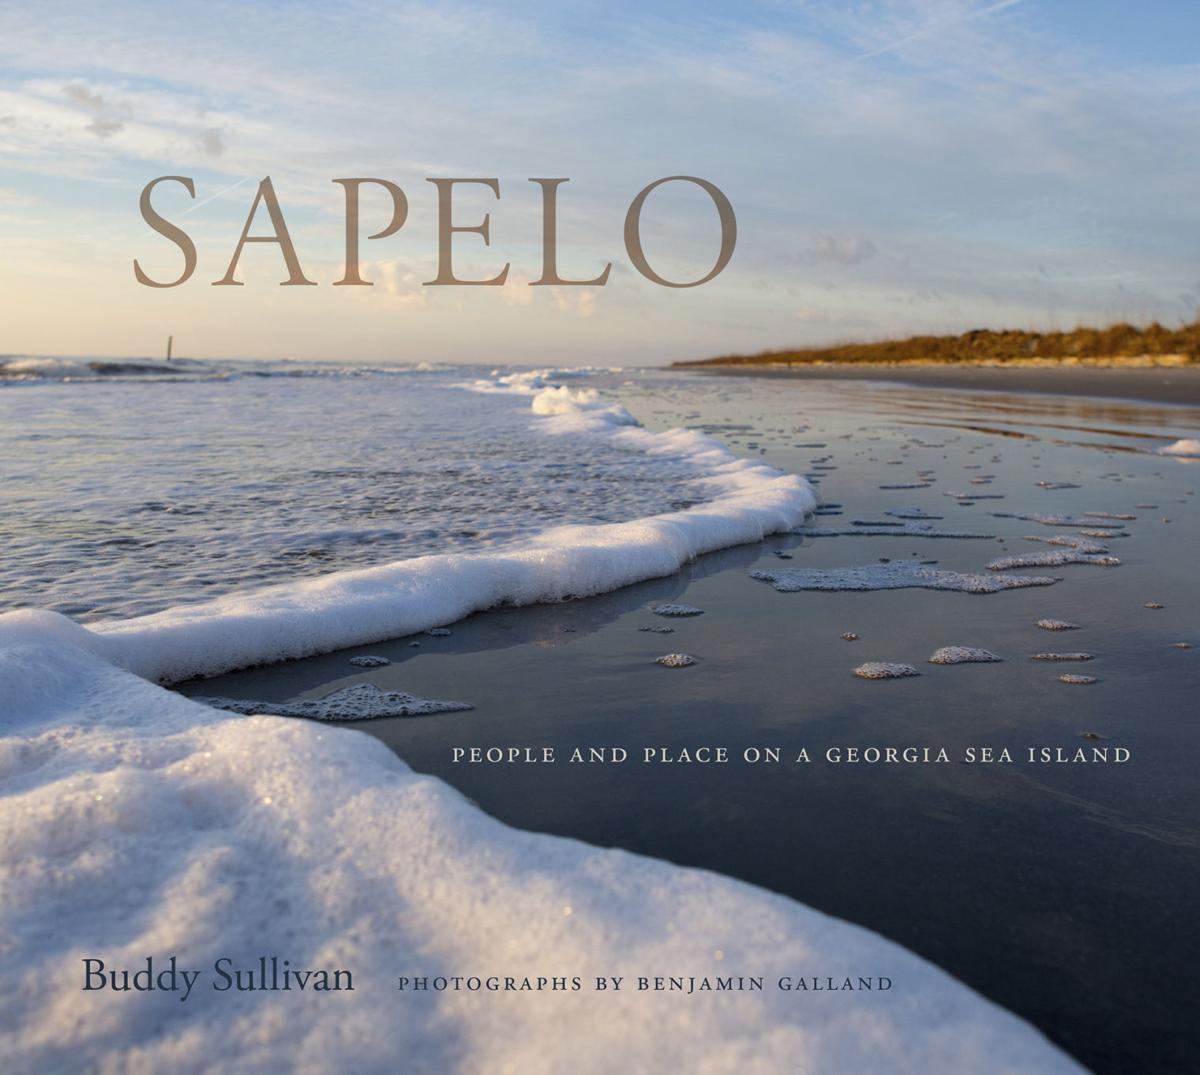 021217_sapelobook02